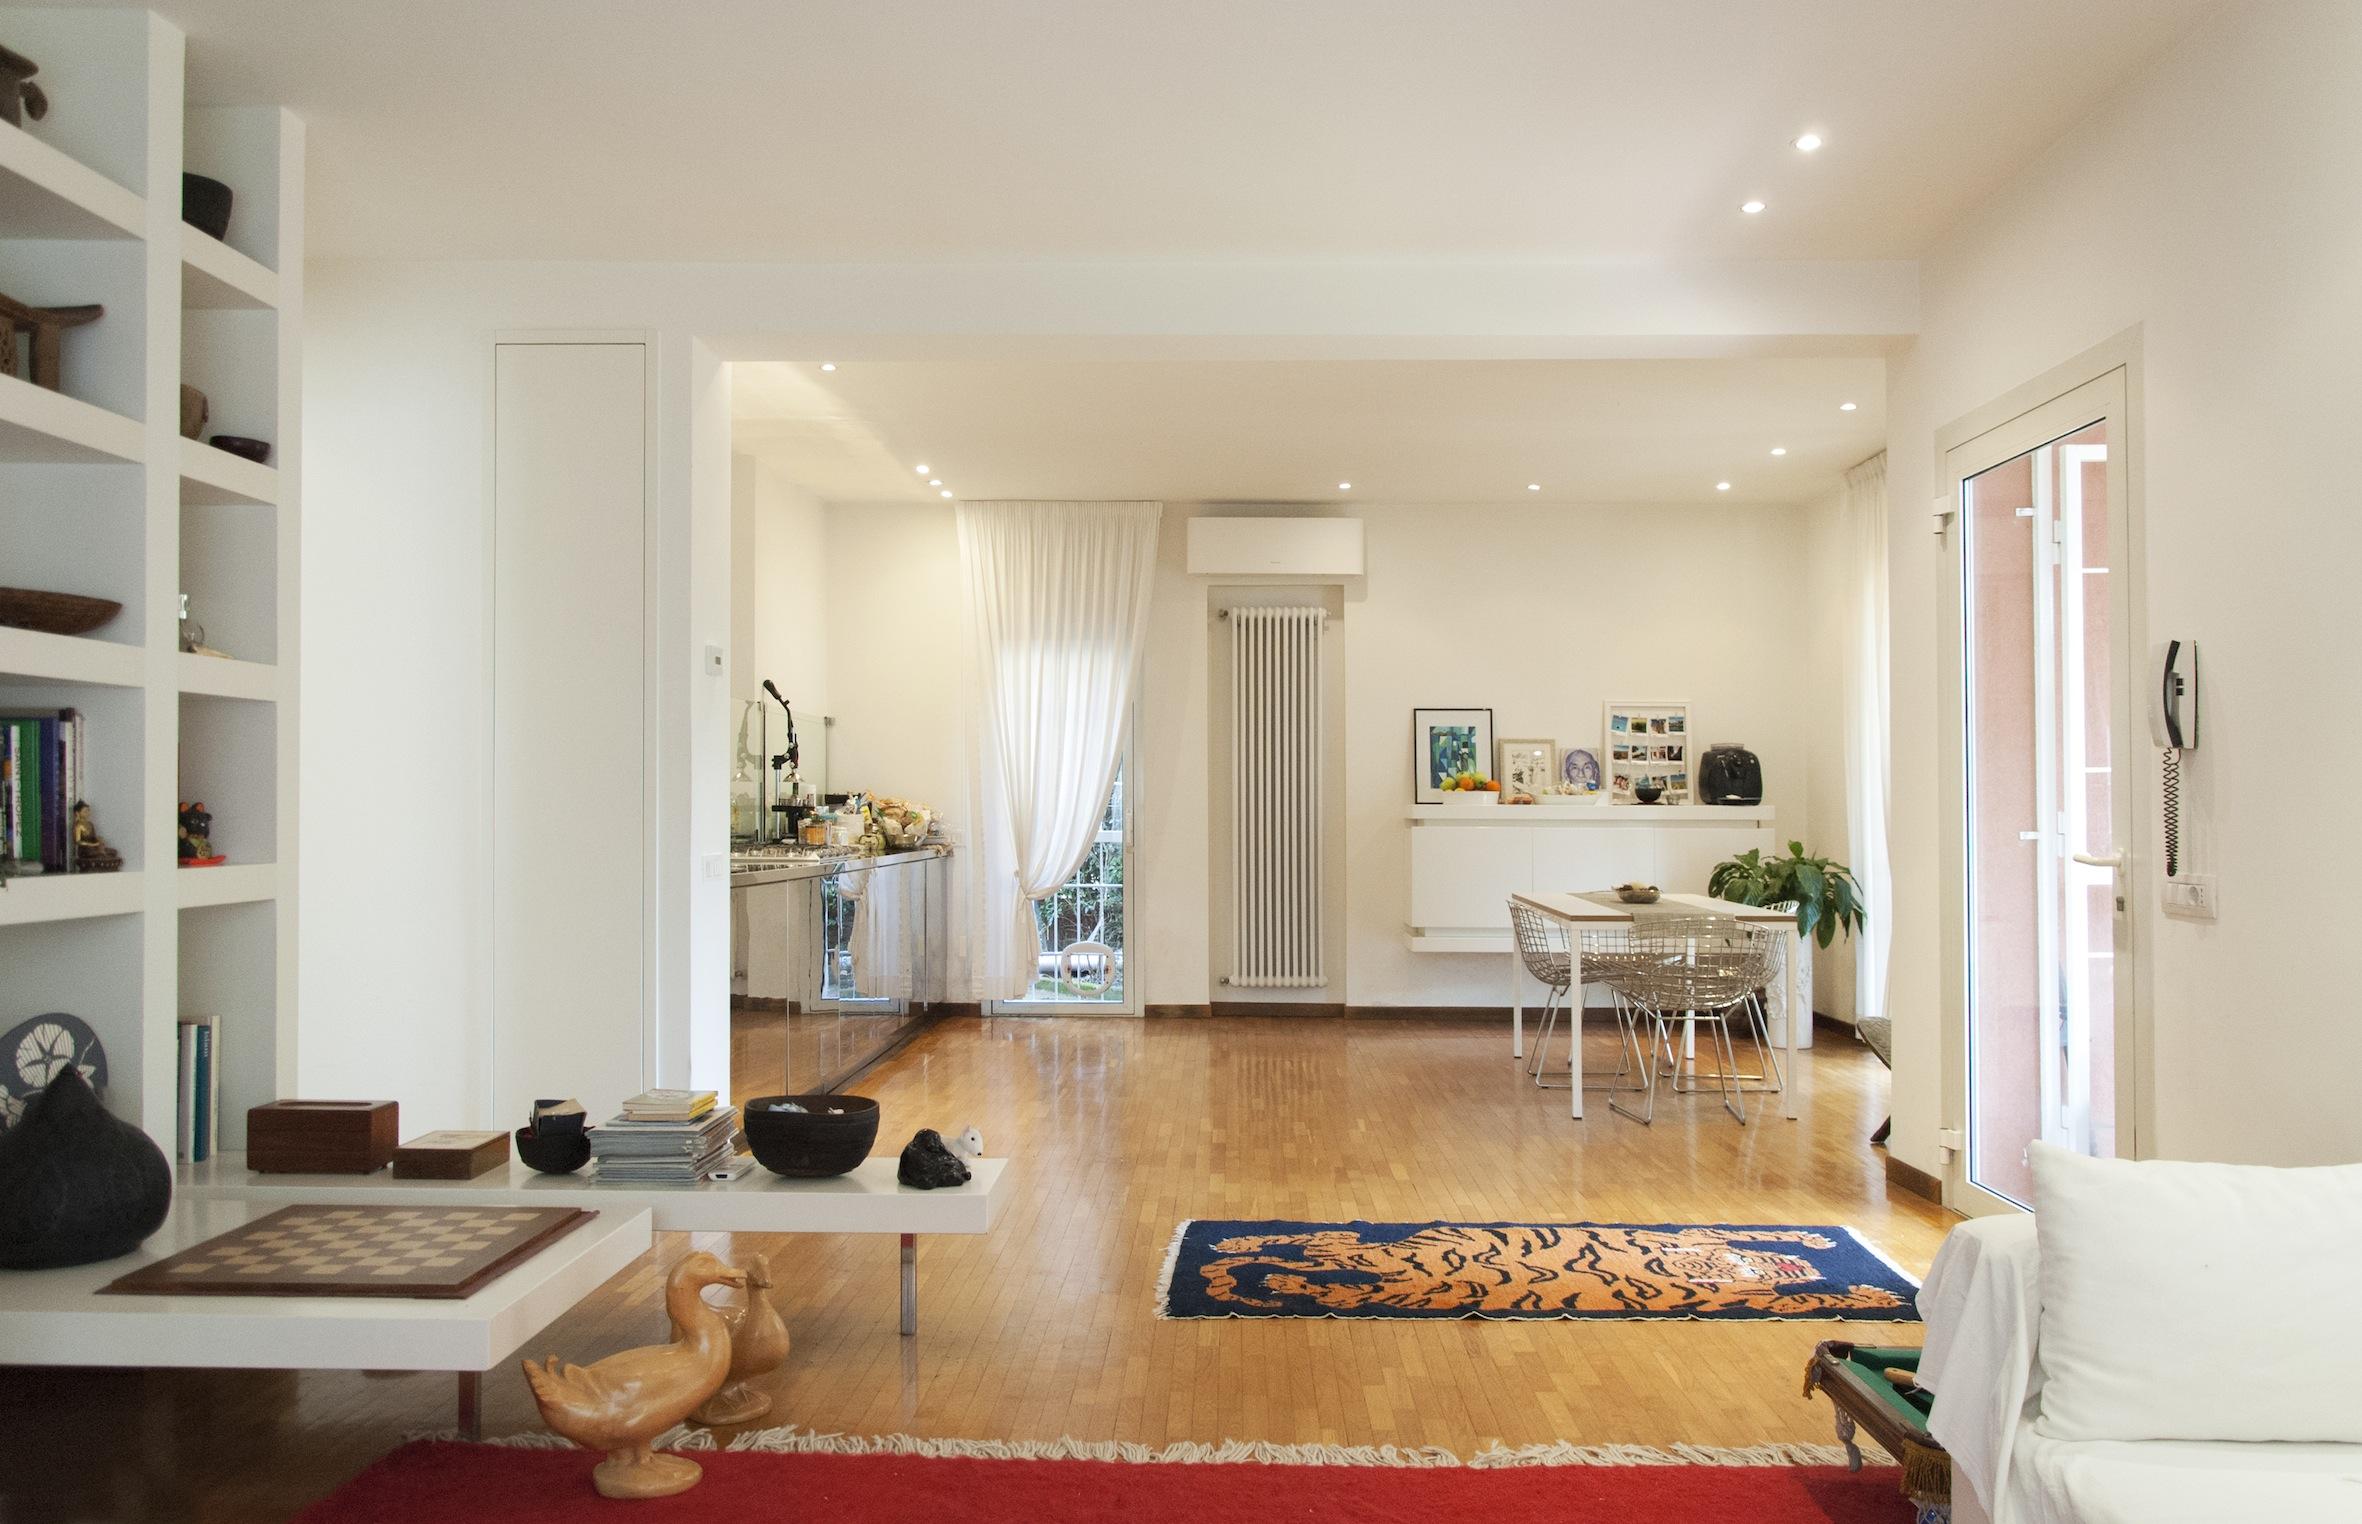 RICCIONE PARCO, Villa bifamiliare parzialmente ristrutturata in vendita